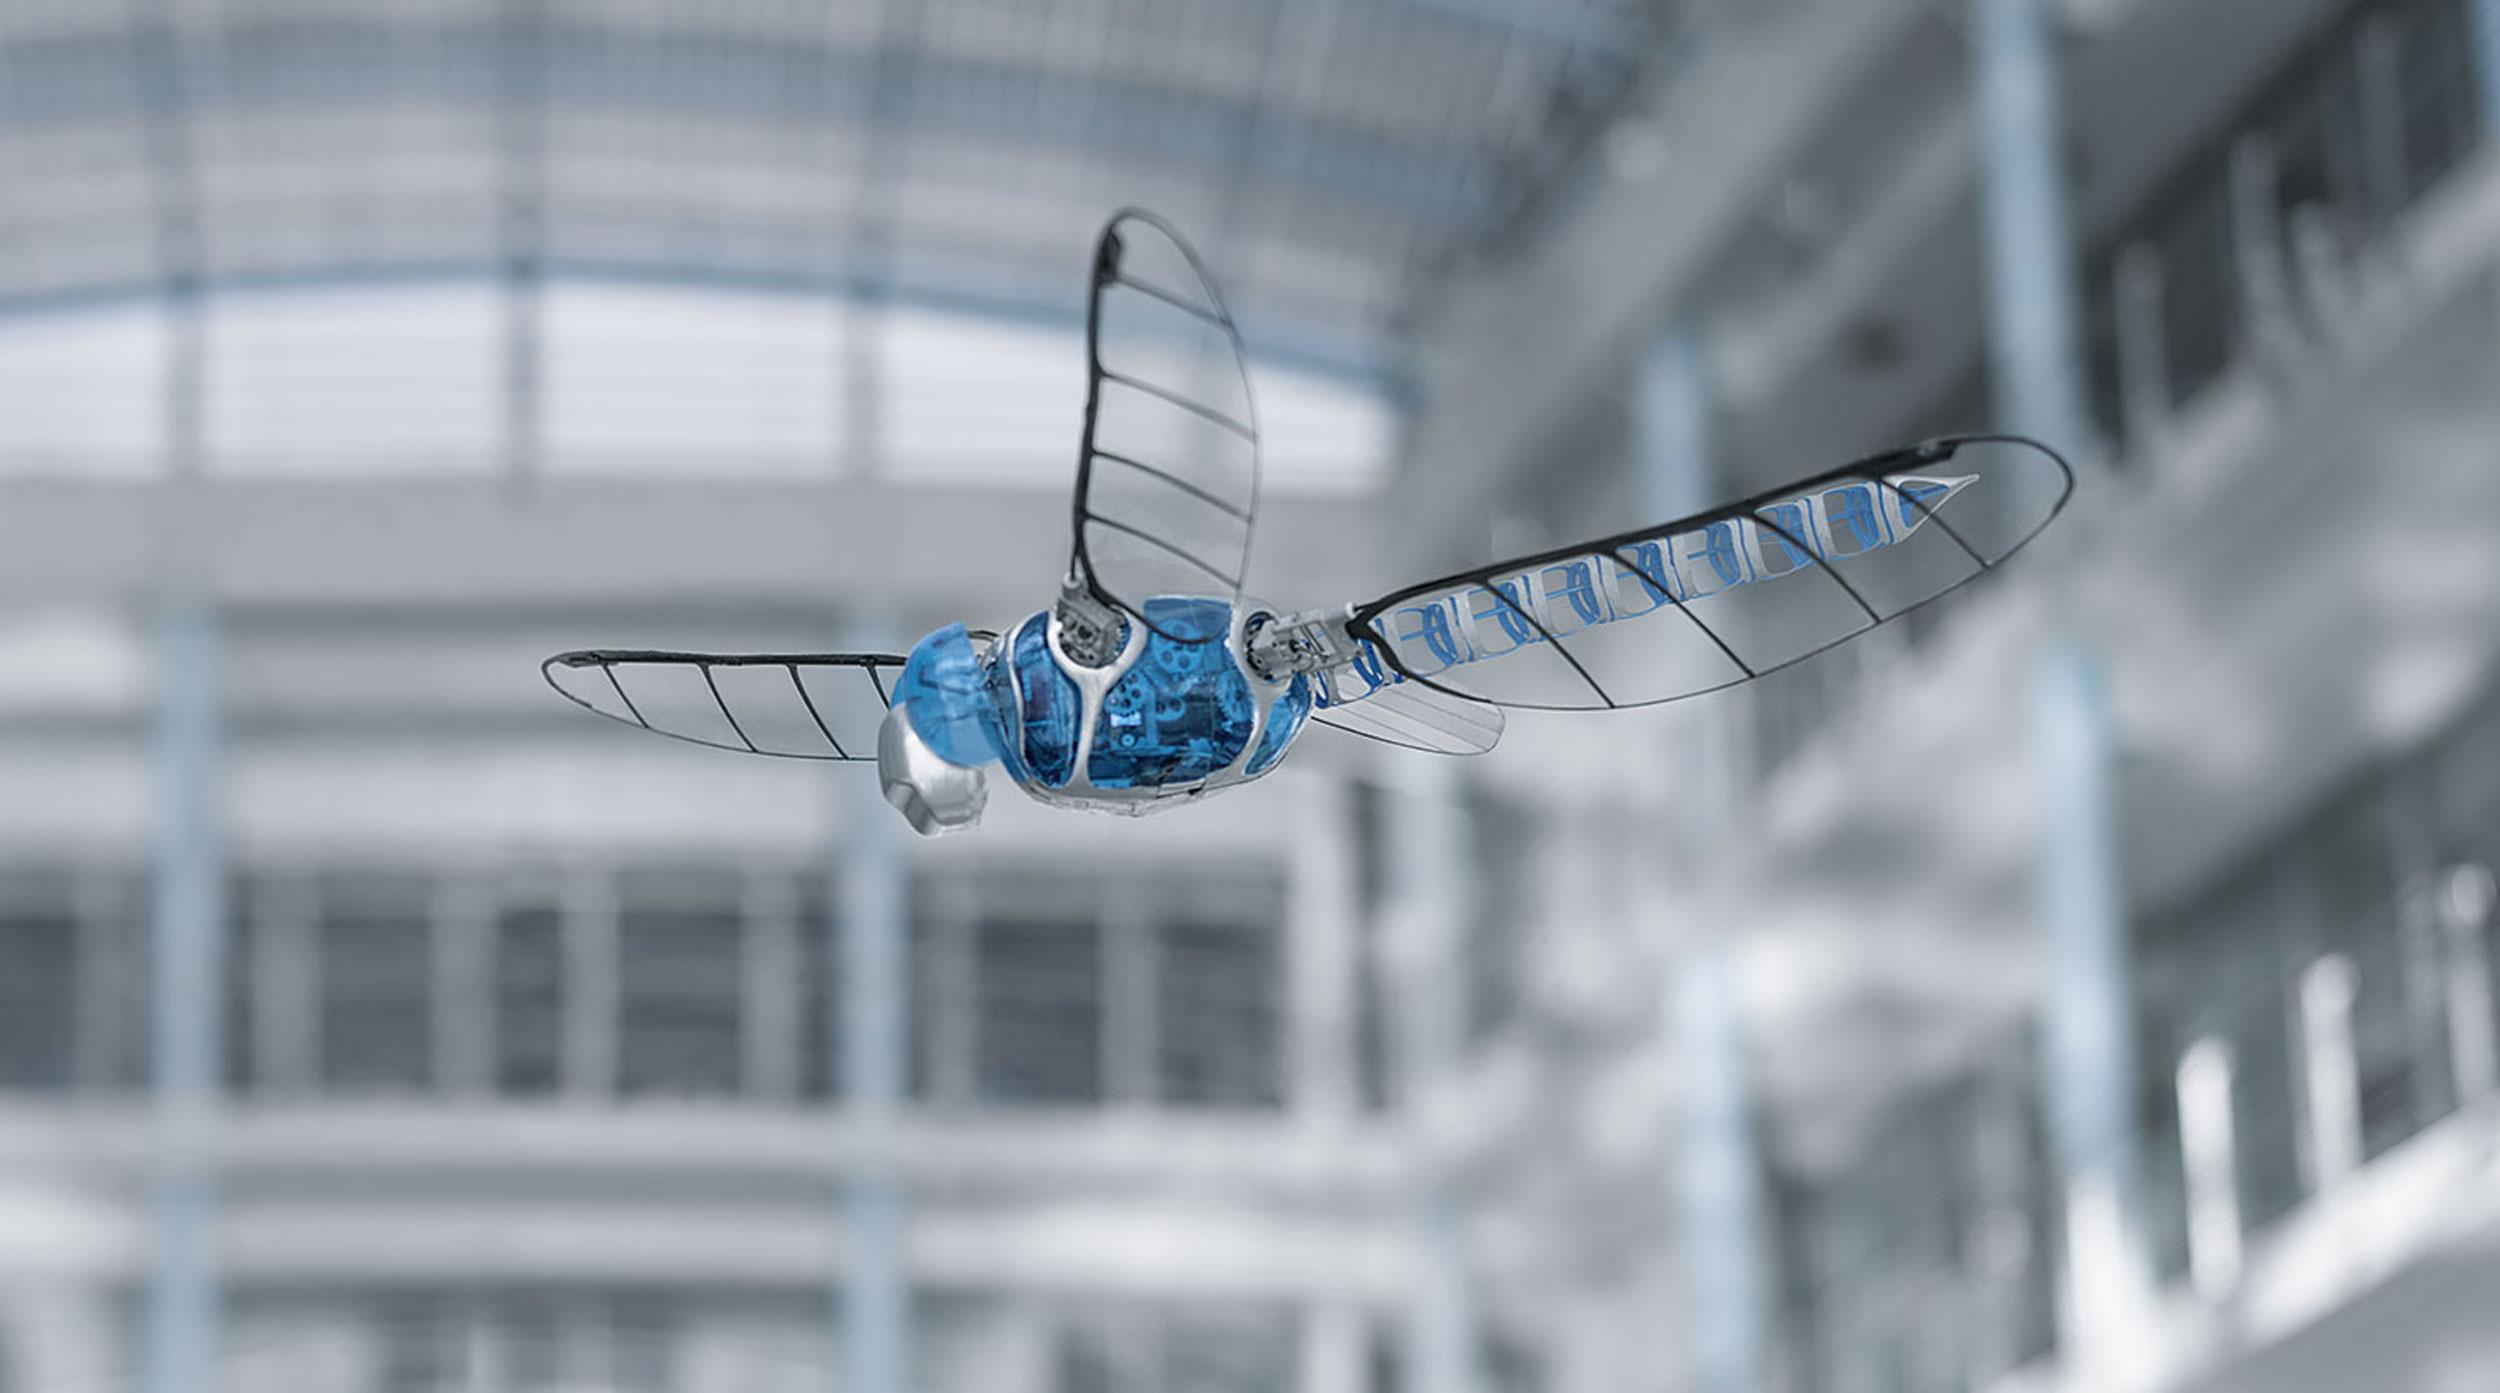 El extraño récord Guiness del insecto robótico volador más grande del mundo